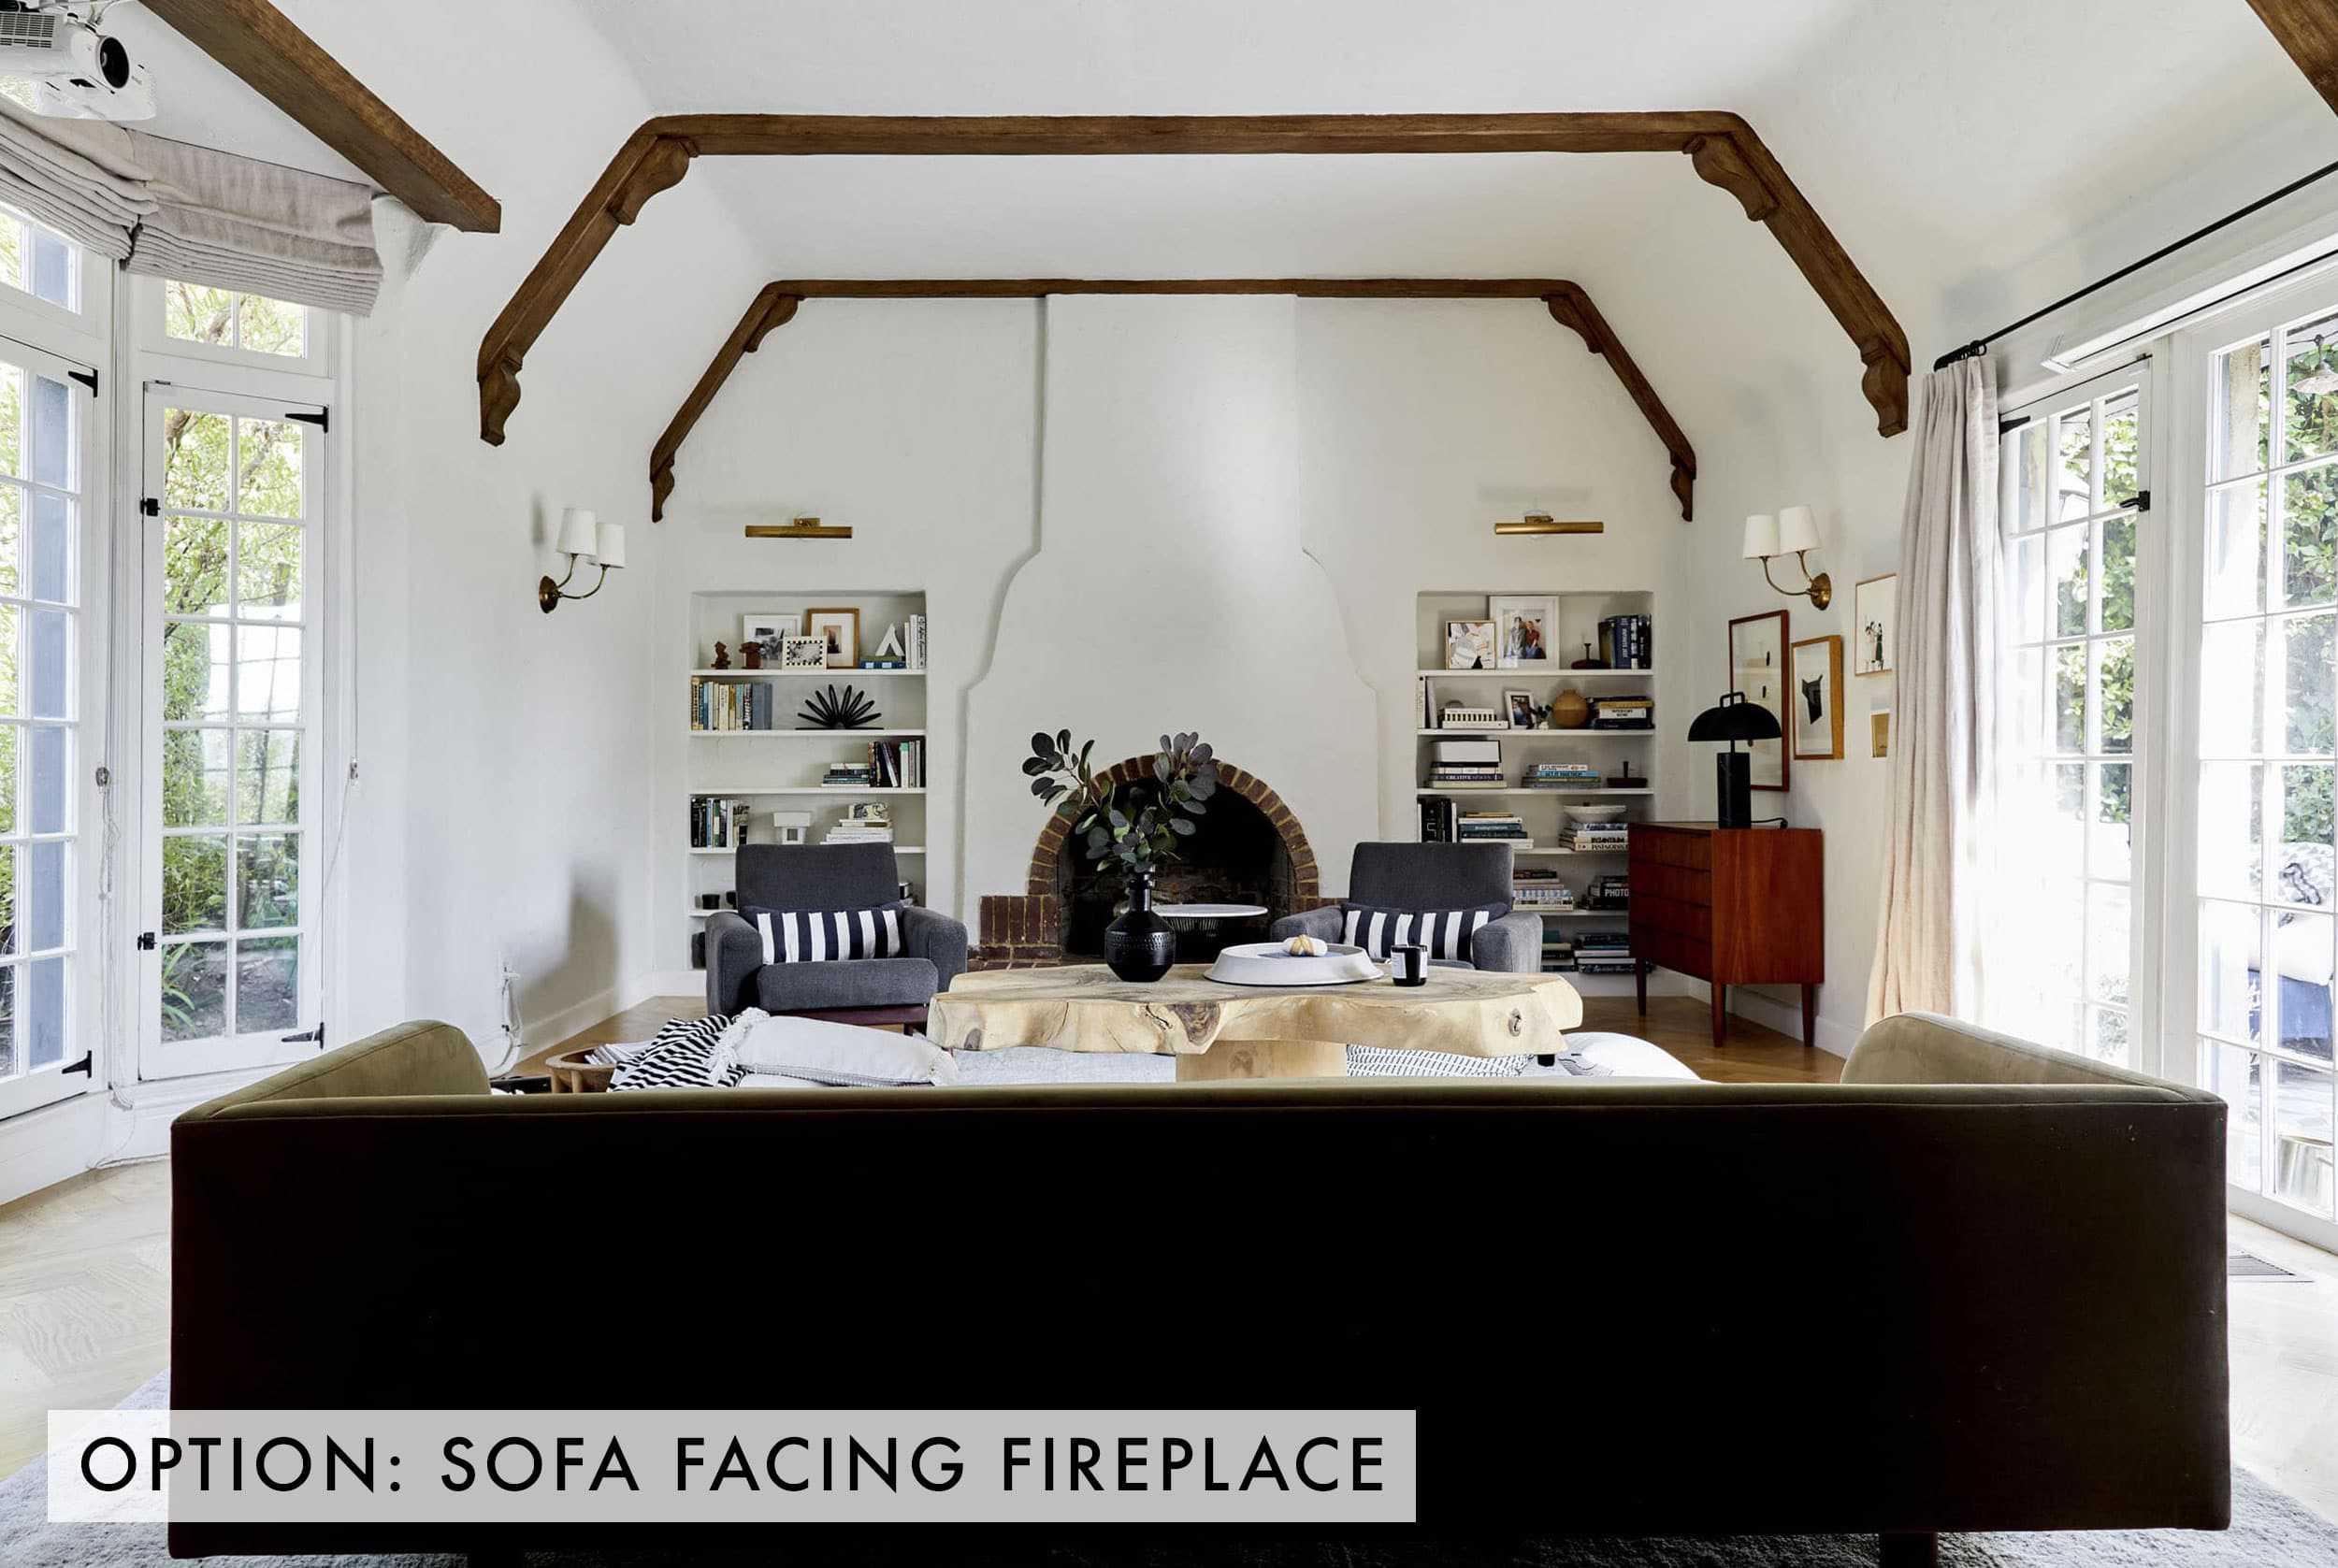 Sofa Facing Fireplace